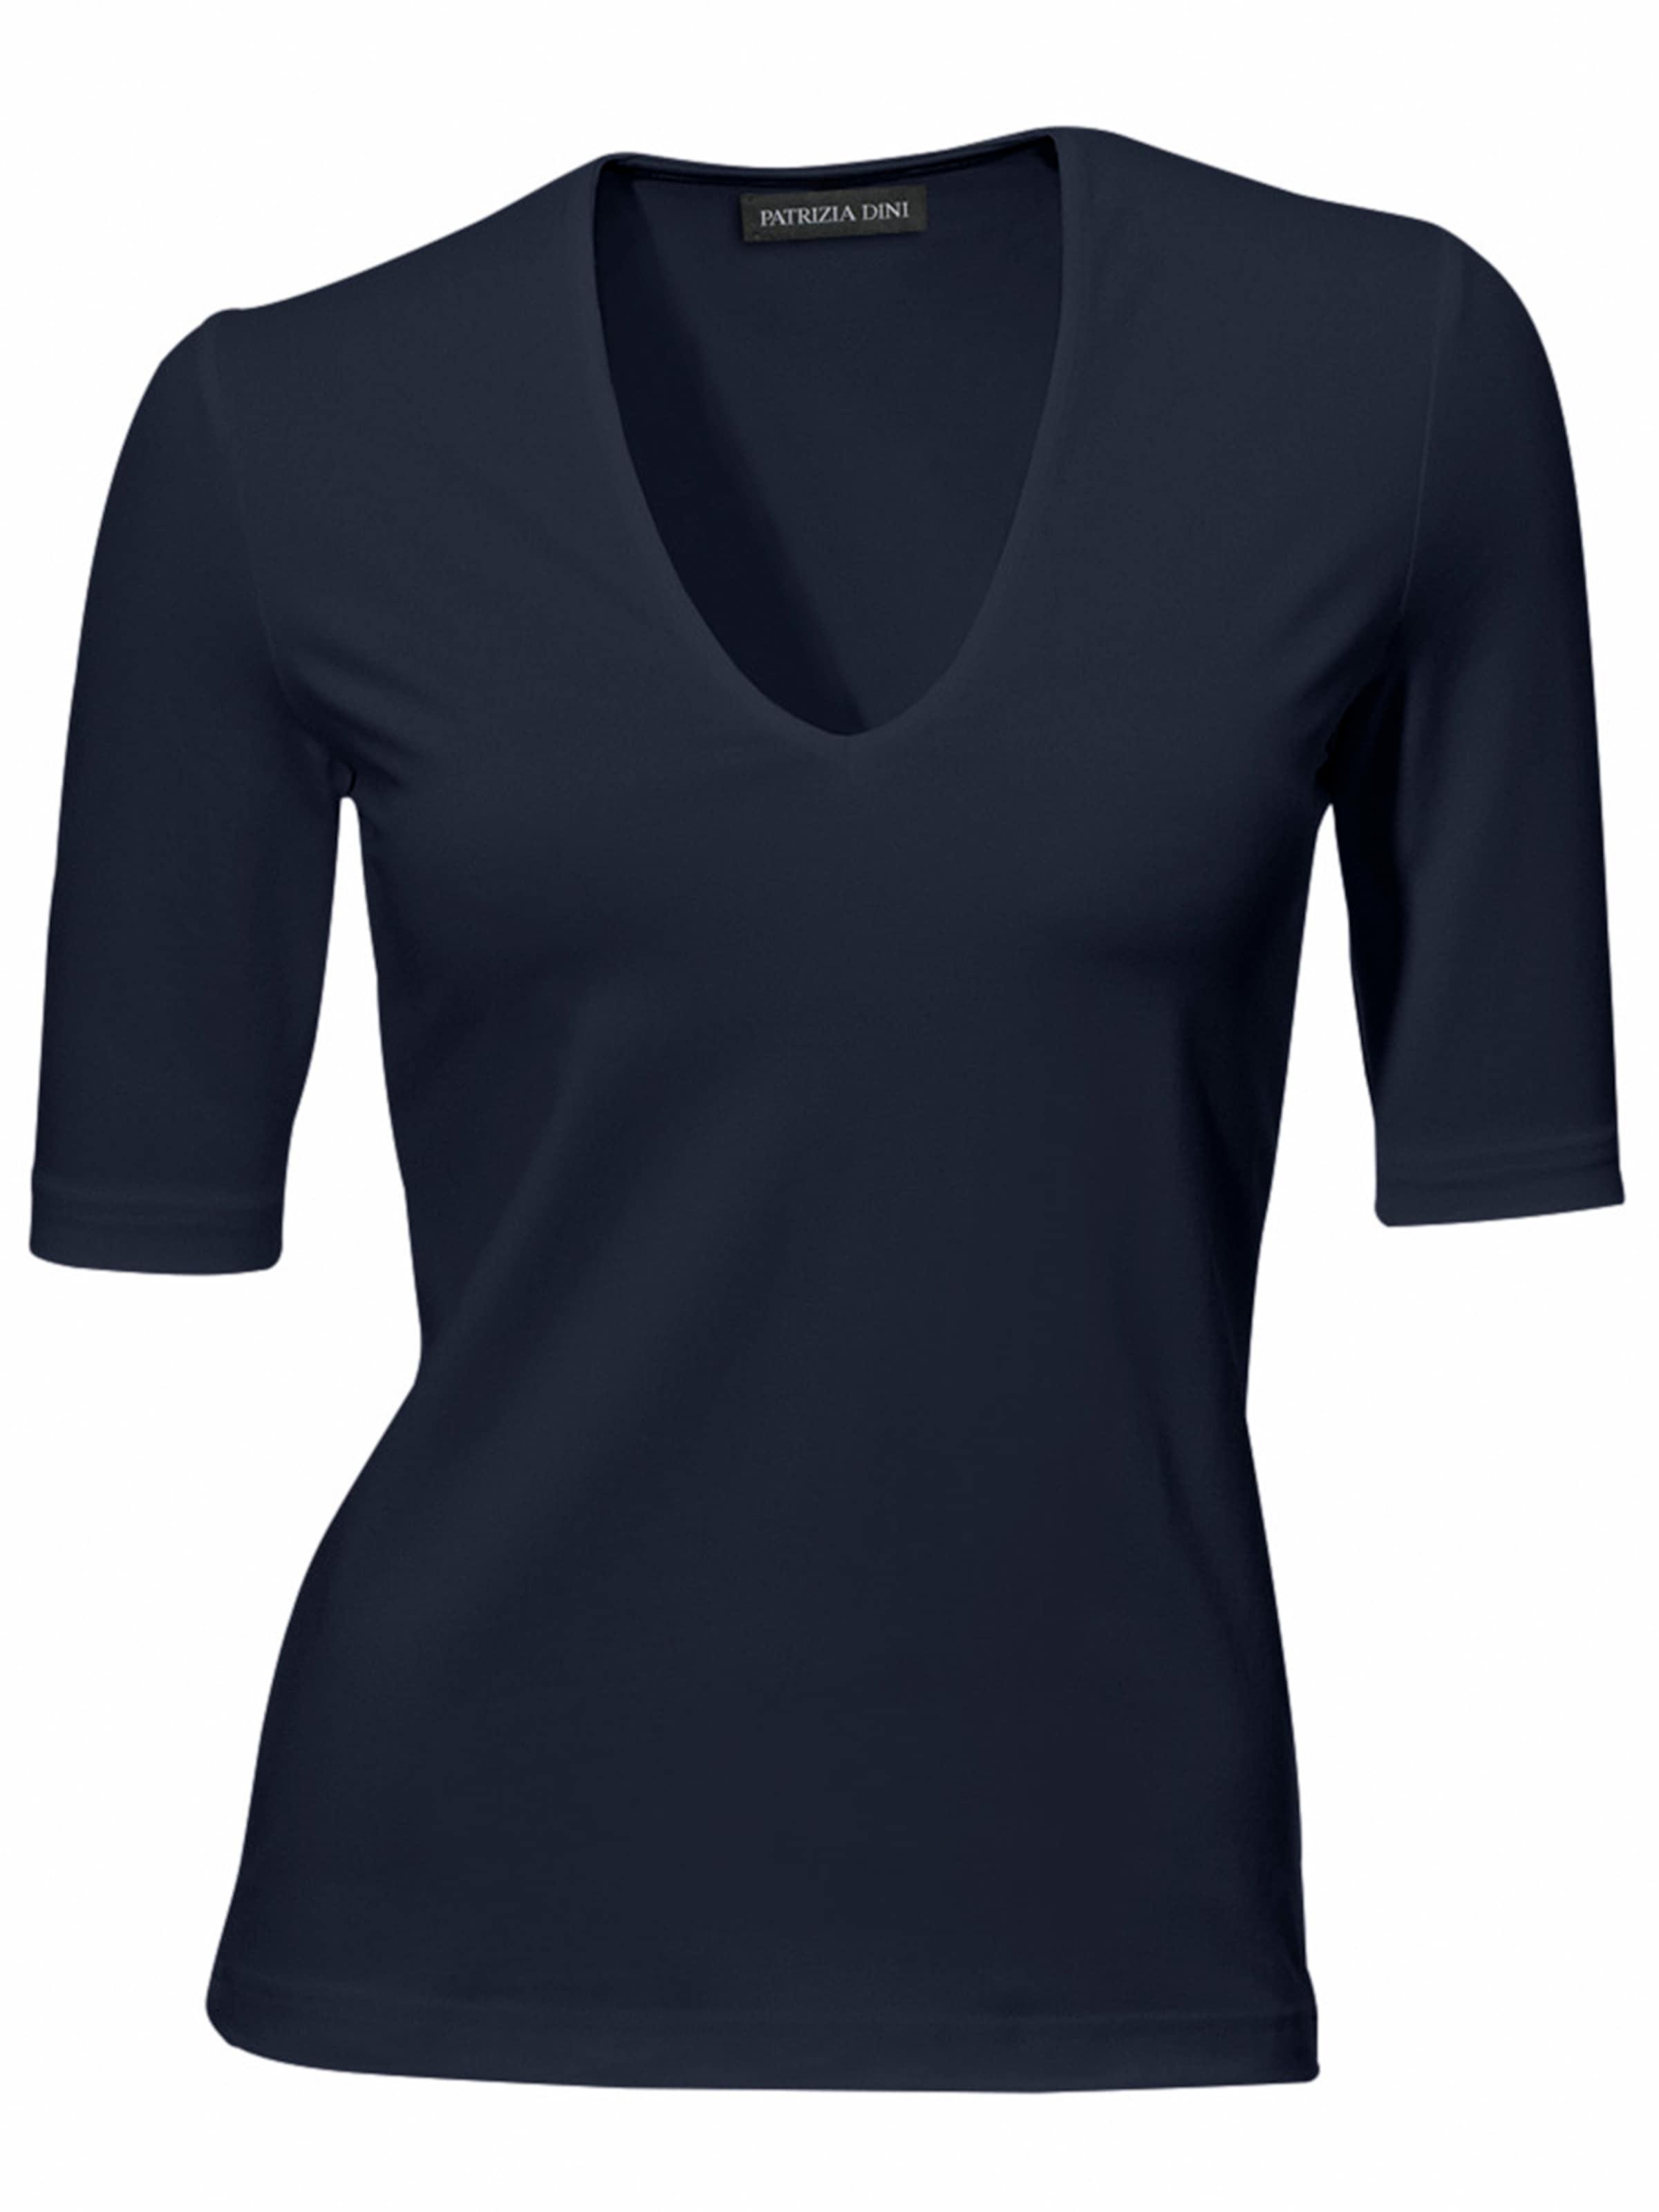 Heine En T Heine En shirt Marine Heine shirt shirt Marine T T bgyYf6v7